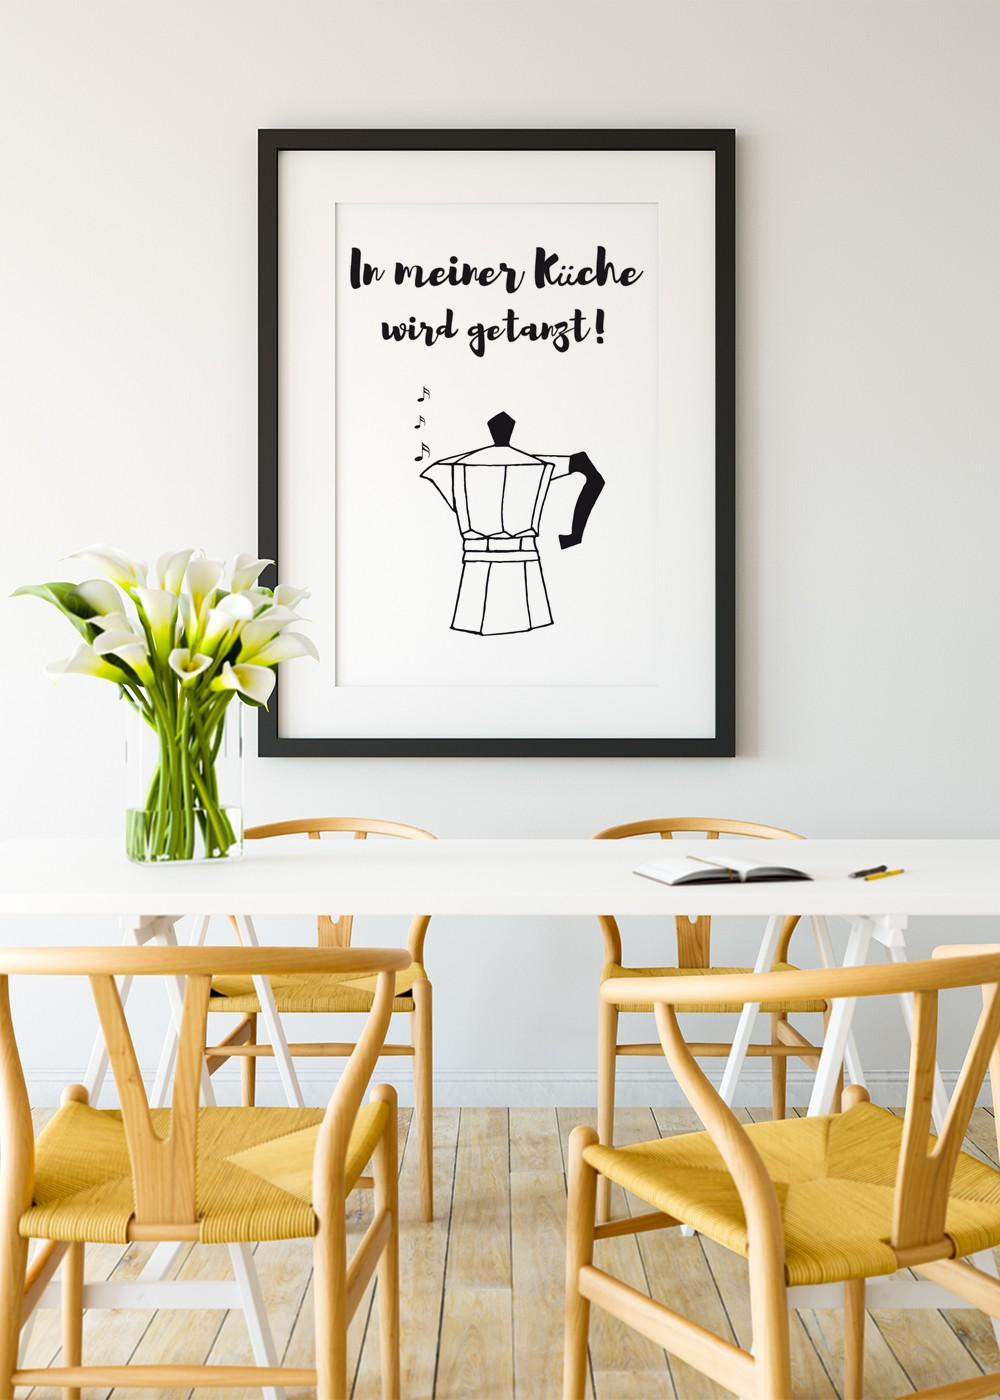 Full Size of Sprüche Für Die Küche In Meiner Kche Poster Online Kaufen Ulrike Wathling Anthrazit L Mit Kochinsel Wandsprüche Bettwäsche Eckbank Folien Fenster Küche Sprüche Für Die Küche